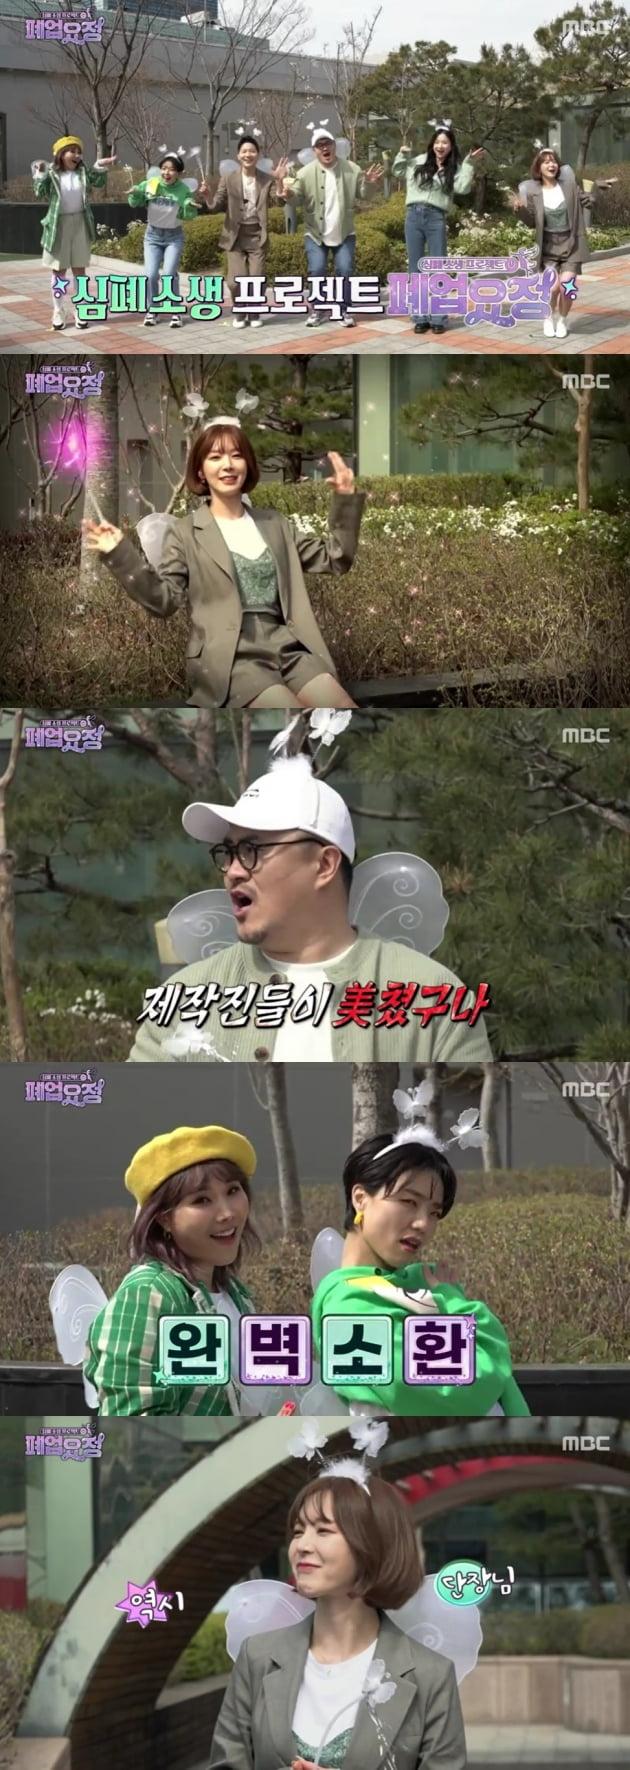 '폐업요정' 첫 방송/ 사진=MBC 캡처